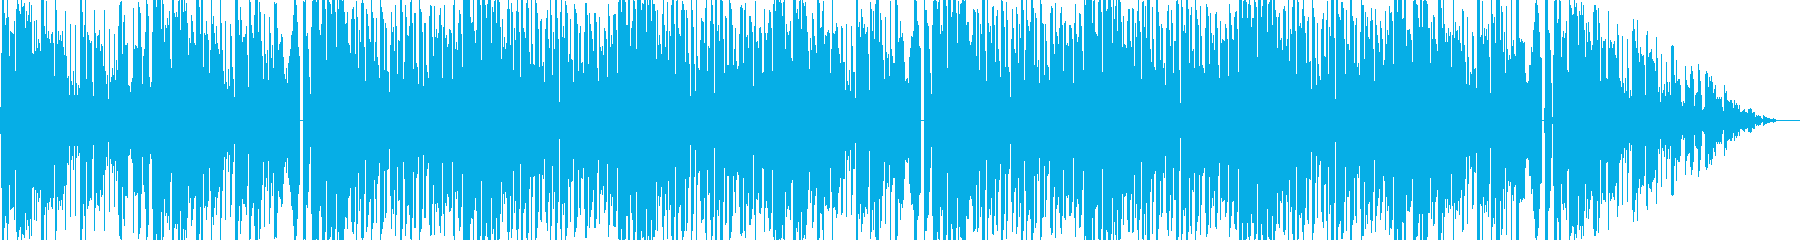 未来感のある煌びやかなエレクトロBGMの再生済みの波形